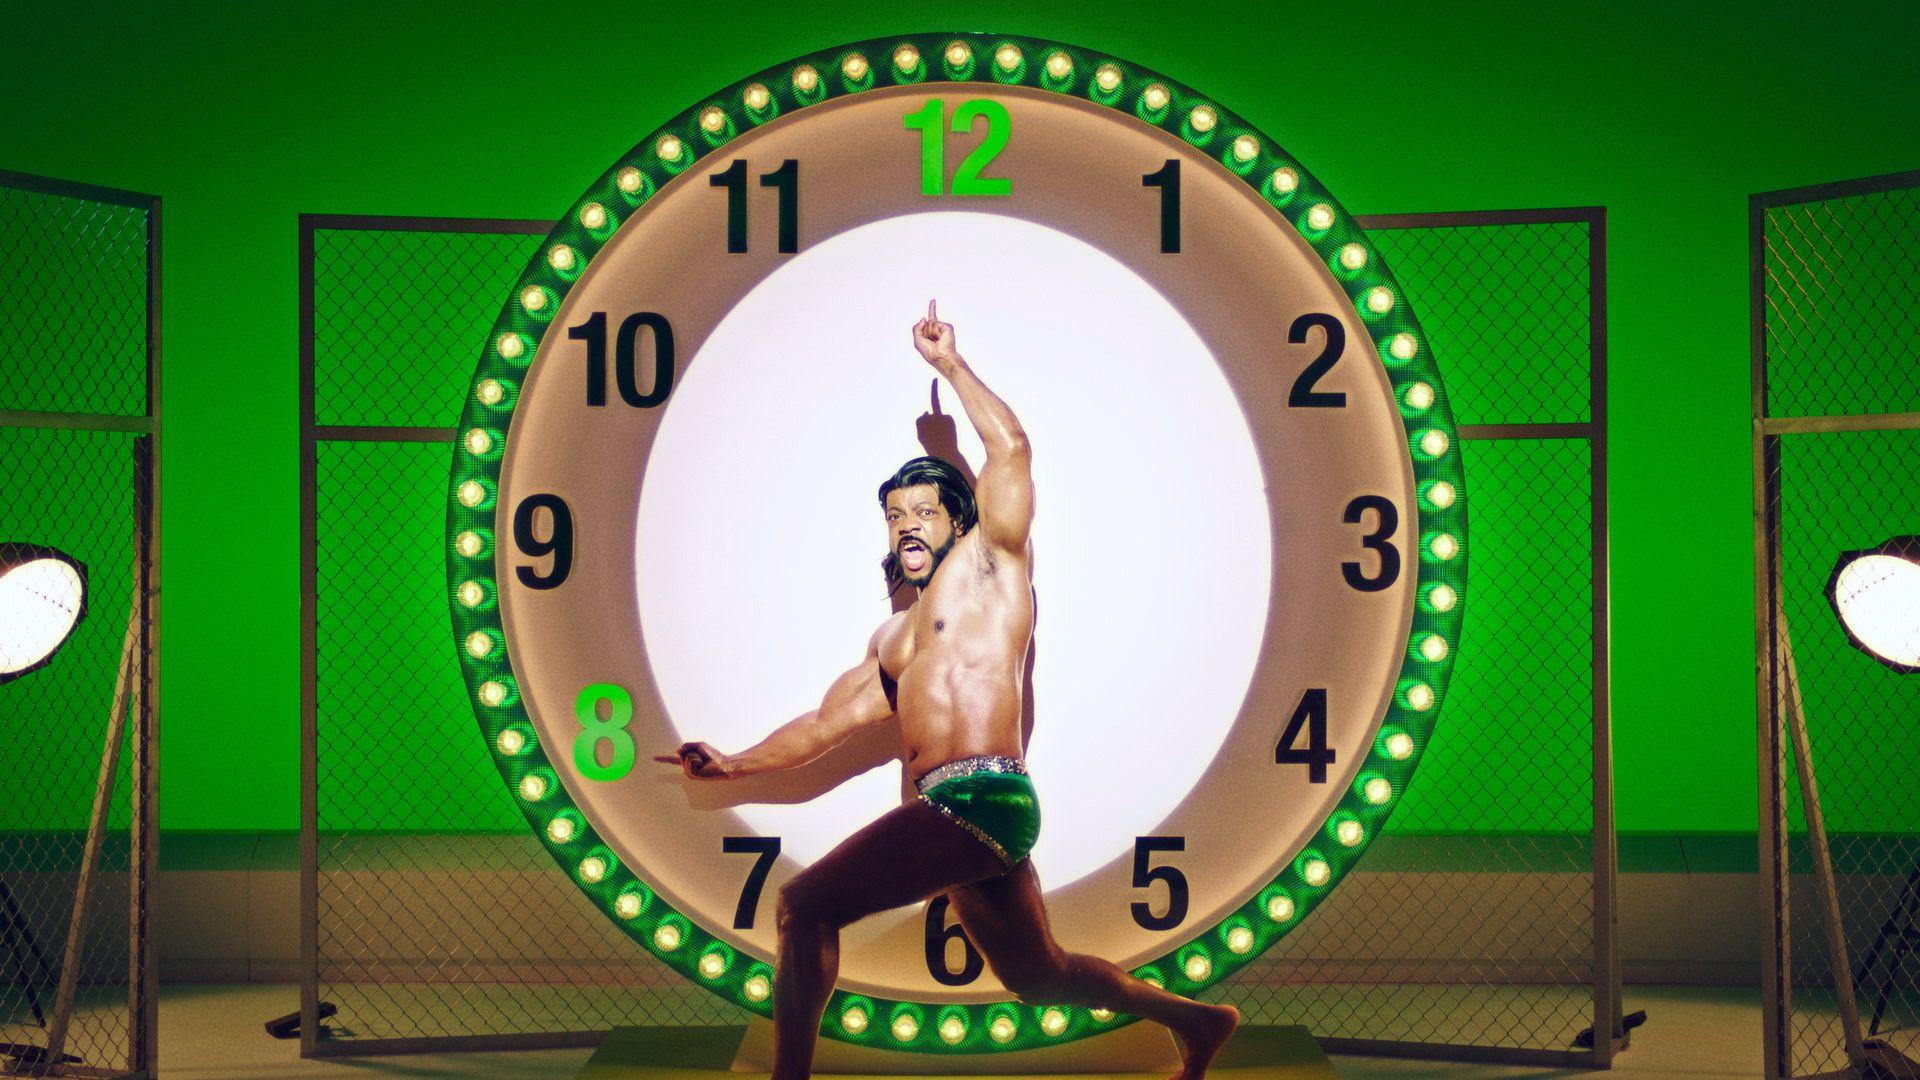 002 93 - 午前8時「おはようゴザイマースッ!」筋肉で時刻をお知らせする筋肉時報『24時間フィットネスFORBES』が配信中